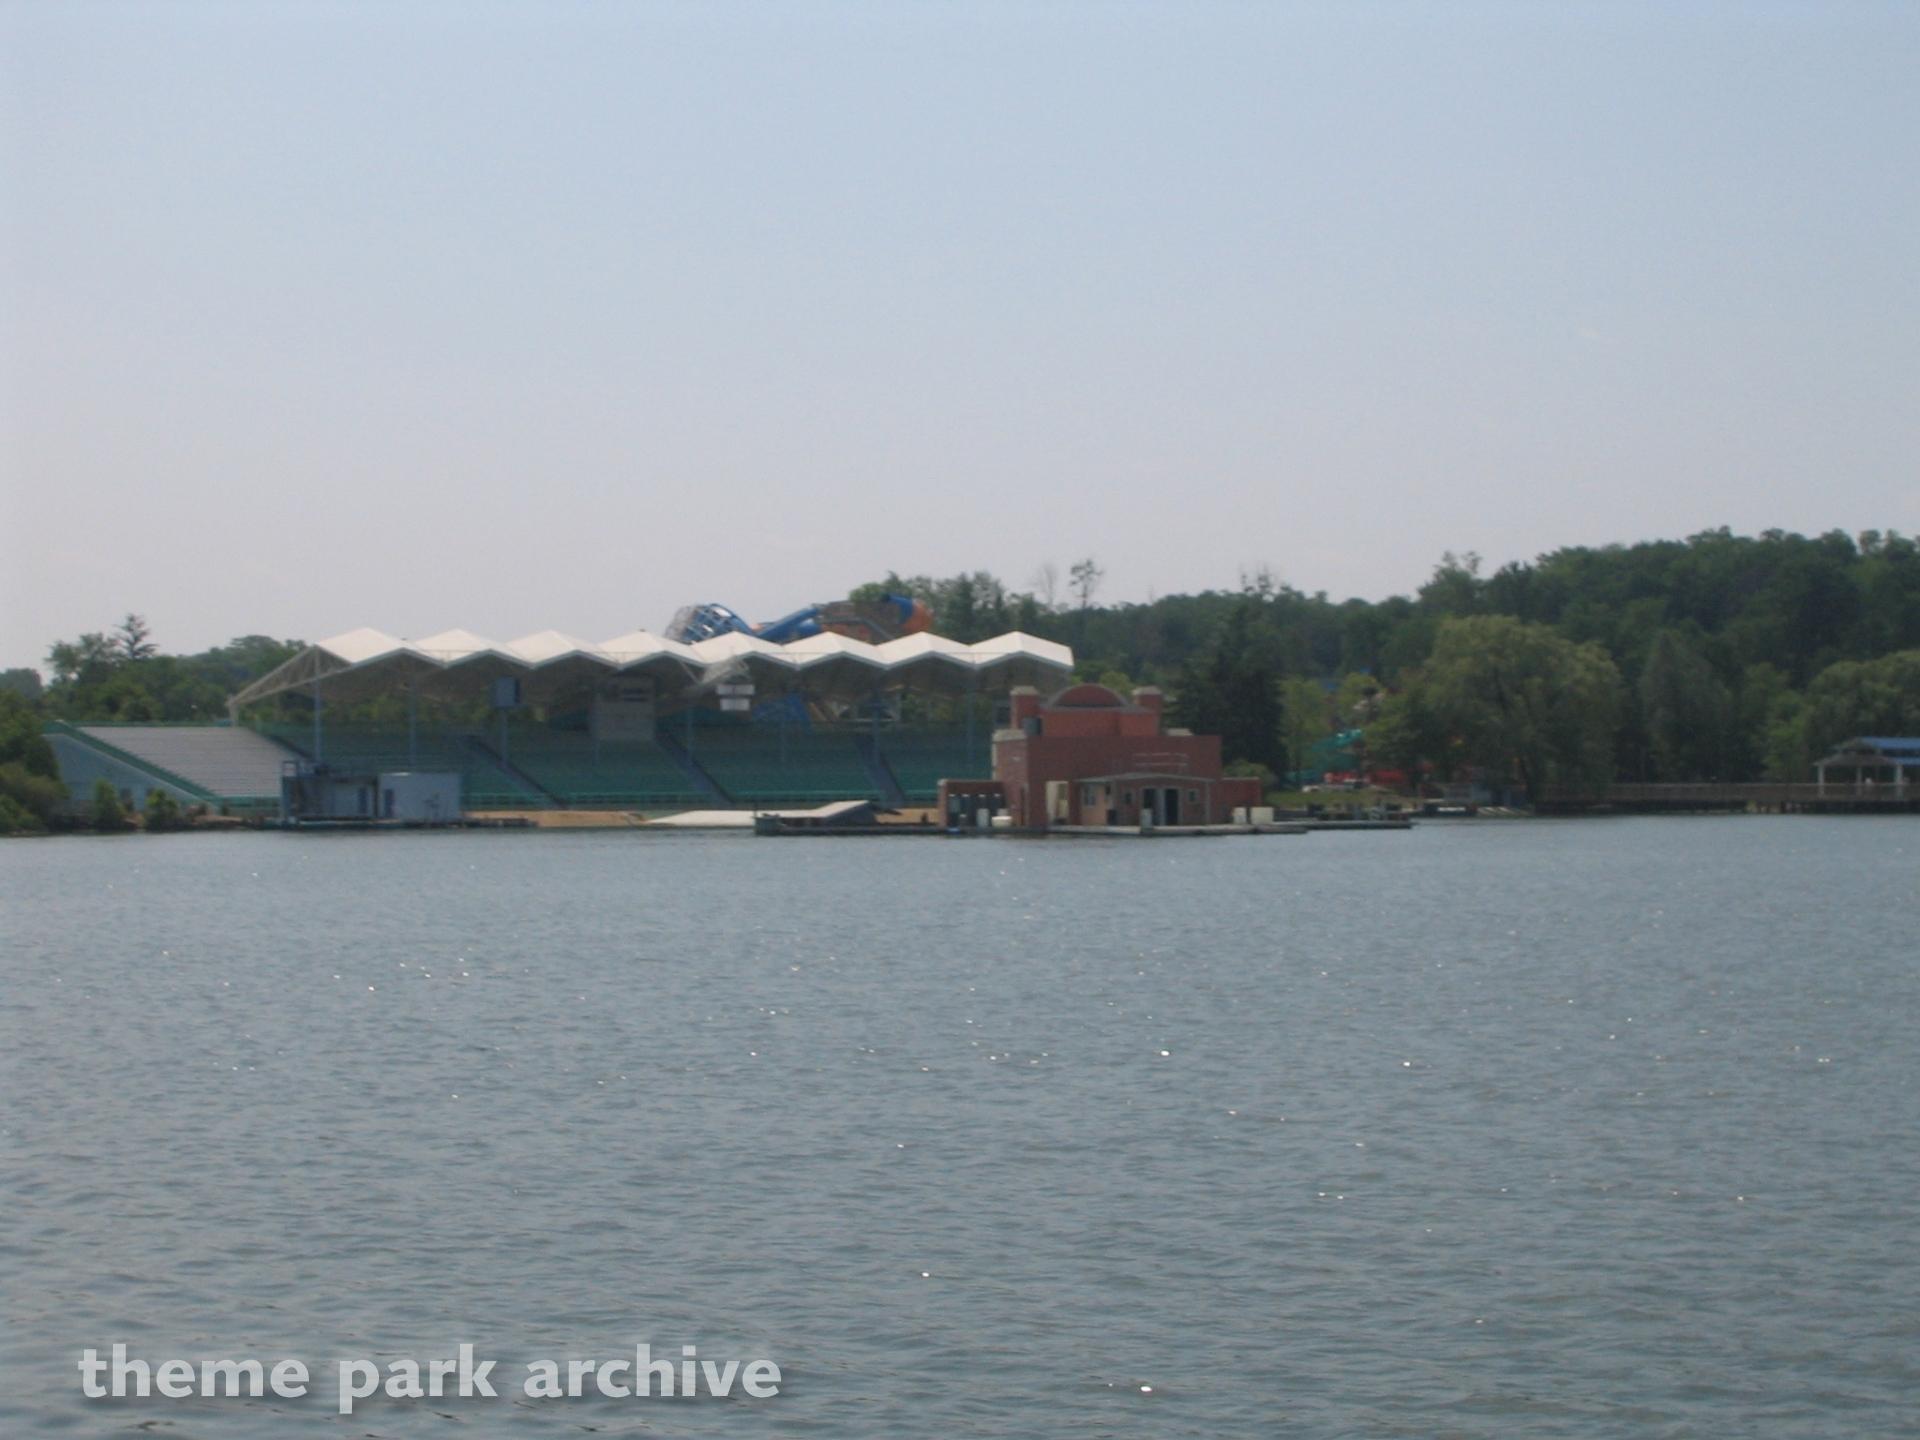 Water Ski Stadium at Geauga Lake